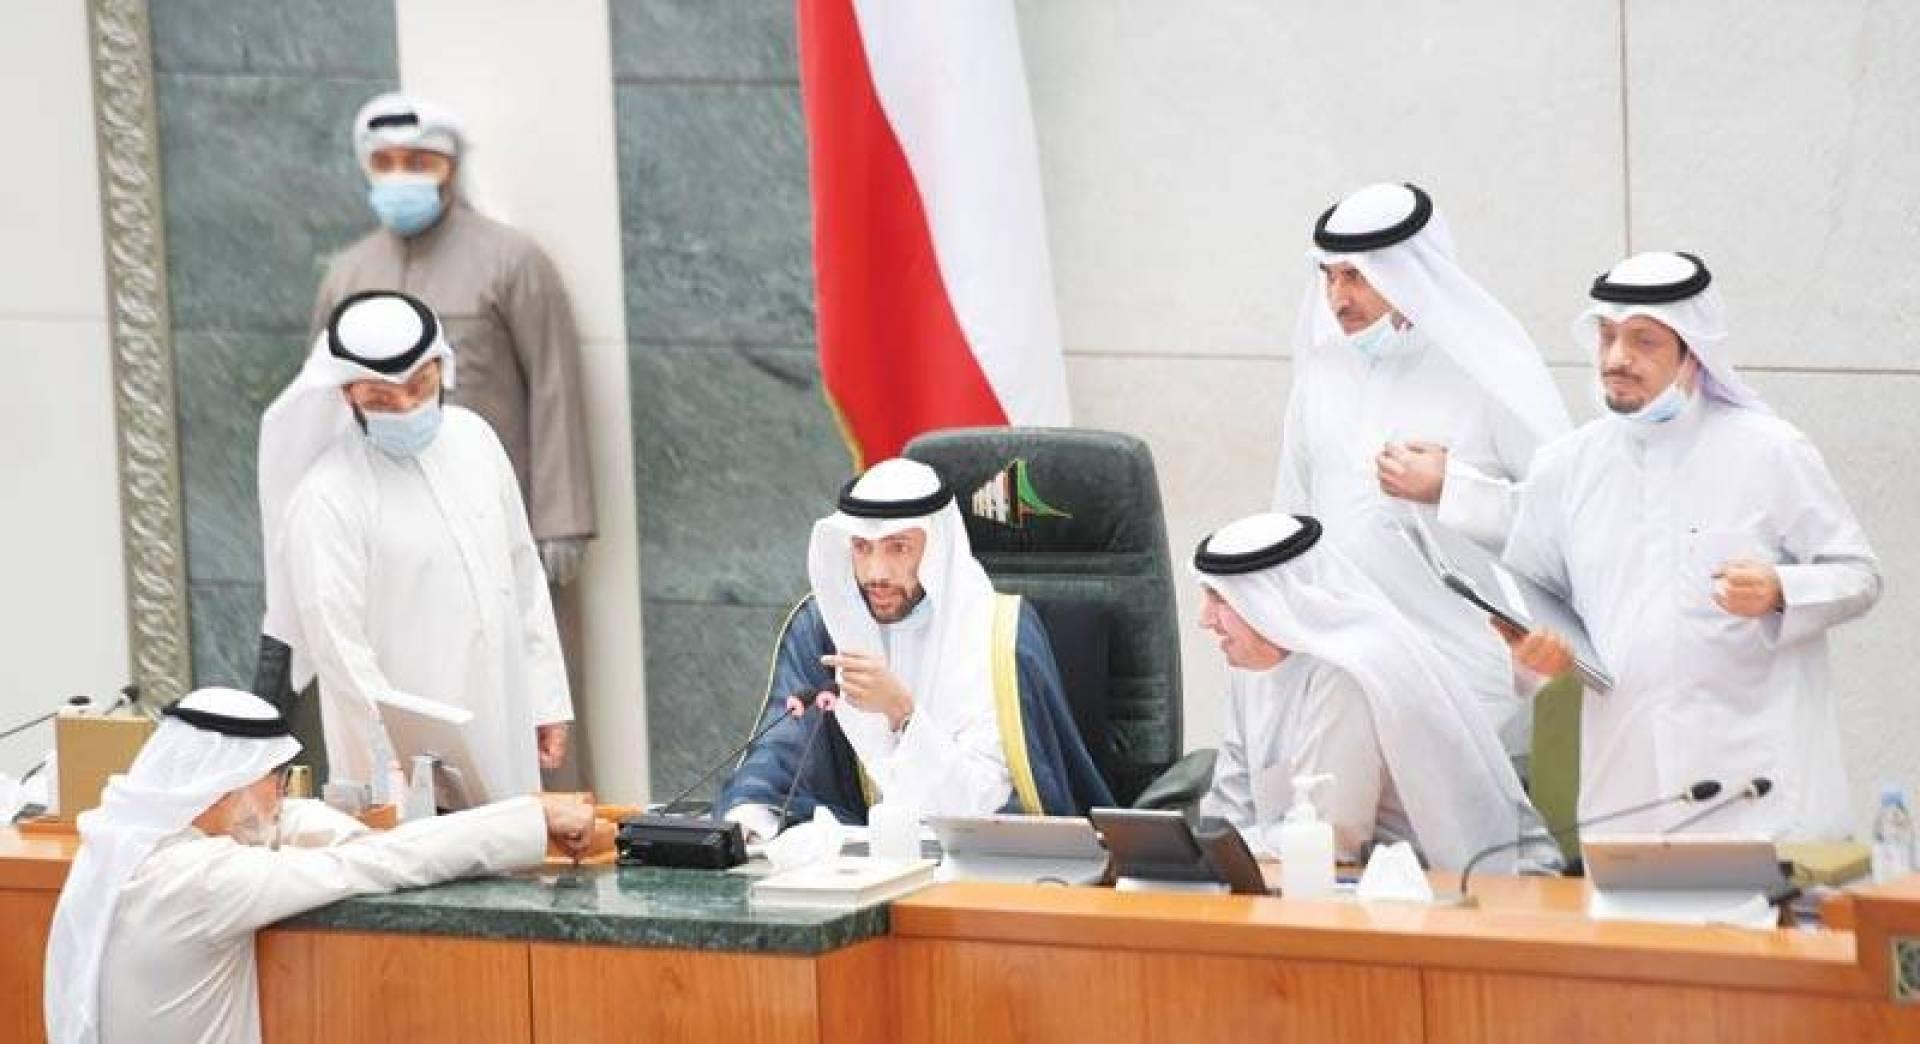 الغانم في حديث مع عدد من النواب خلال ترؤسه الجلسة أمس (تصوير: حسني هلال)